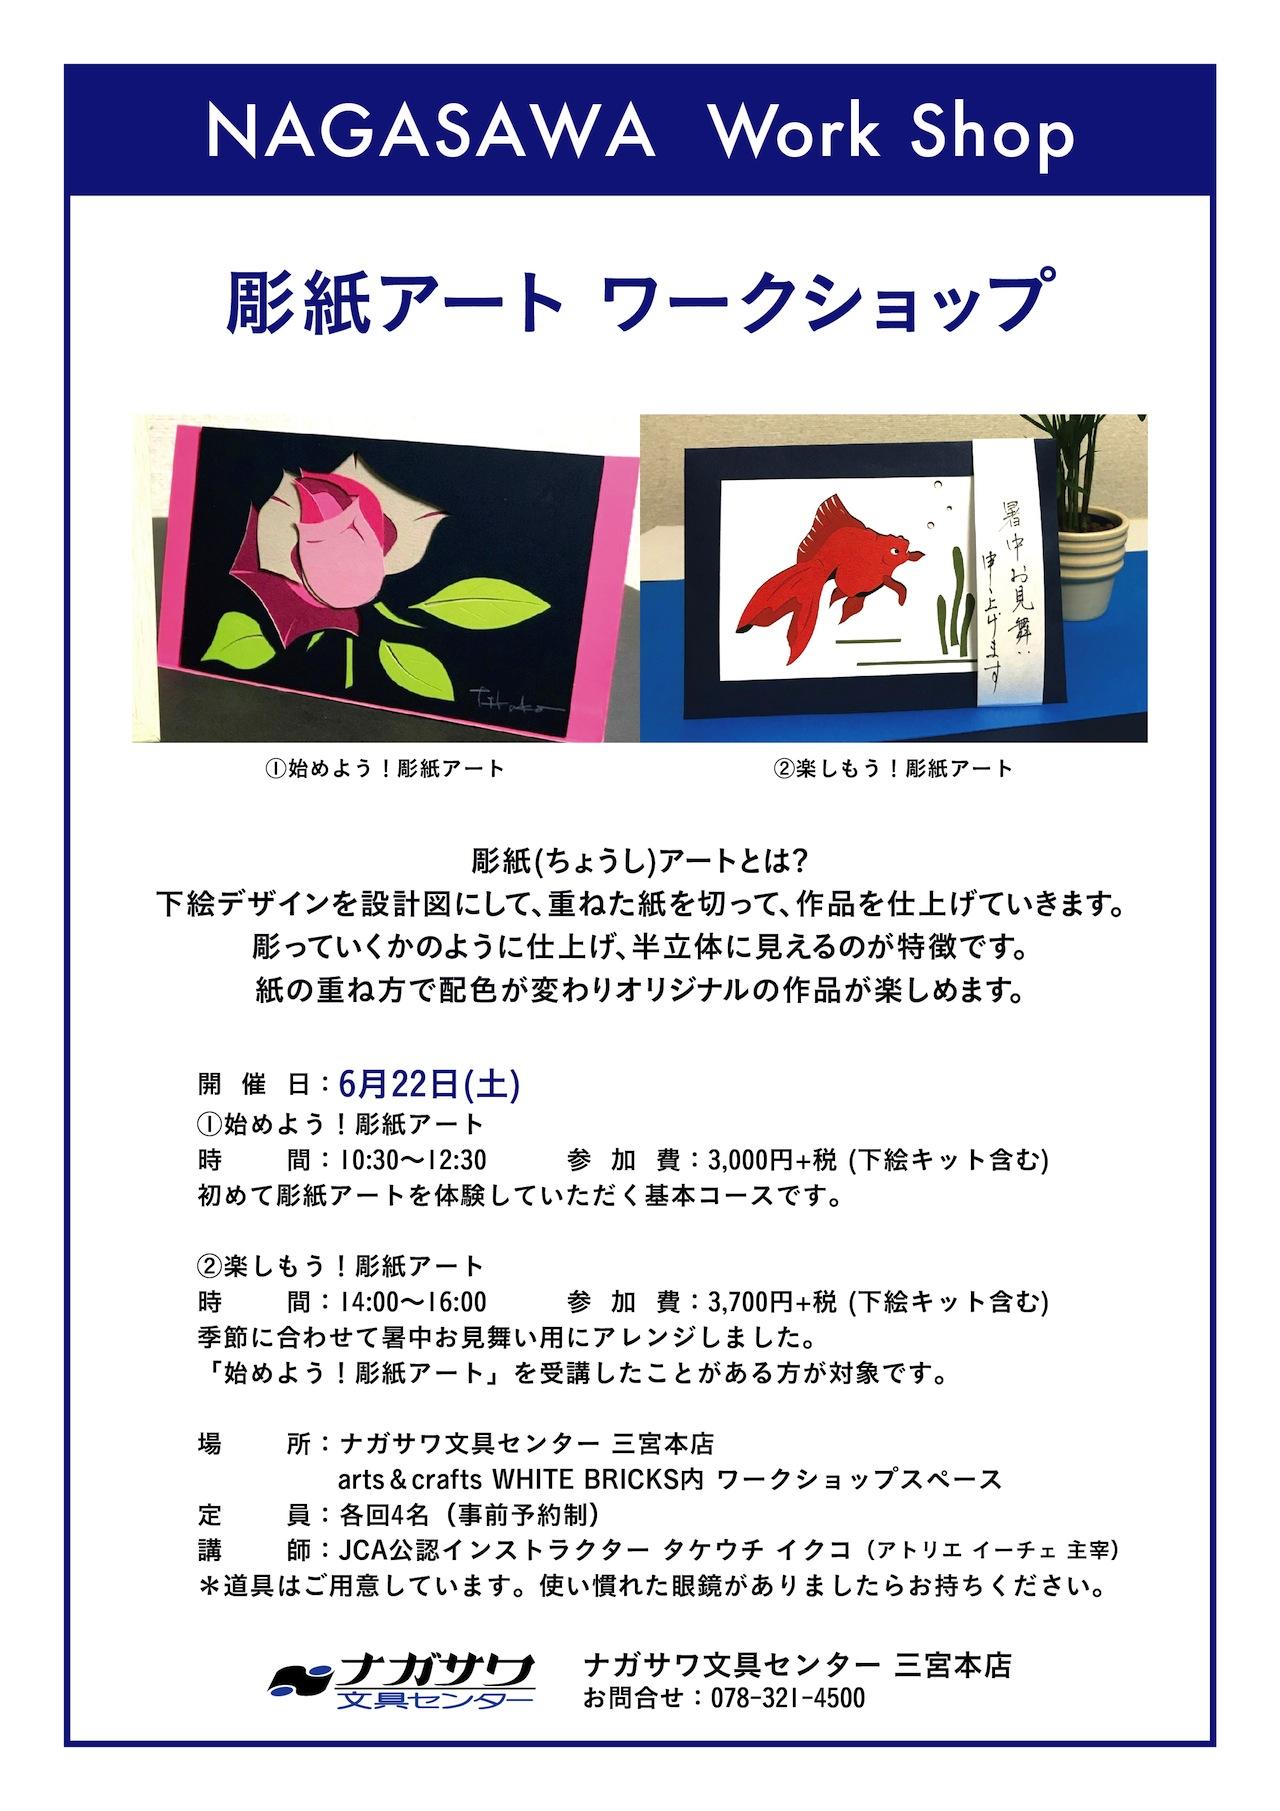 【本店】テレビなどメディアで話題のアート。色彩と紙がおりなすアートな世界を体験しませんか?